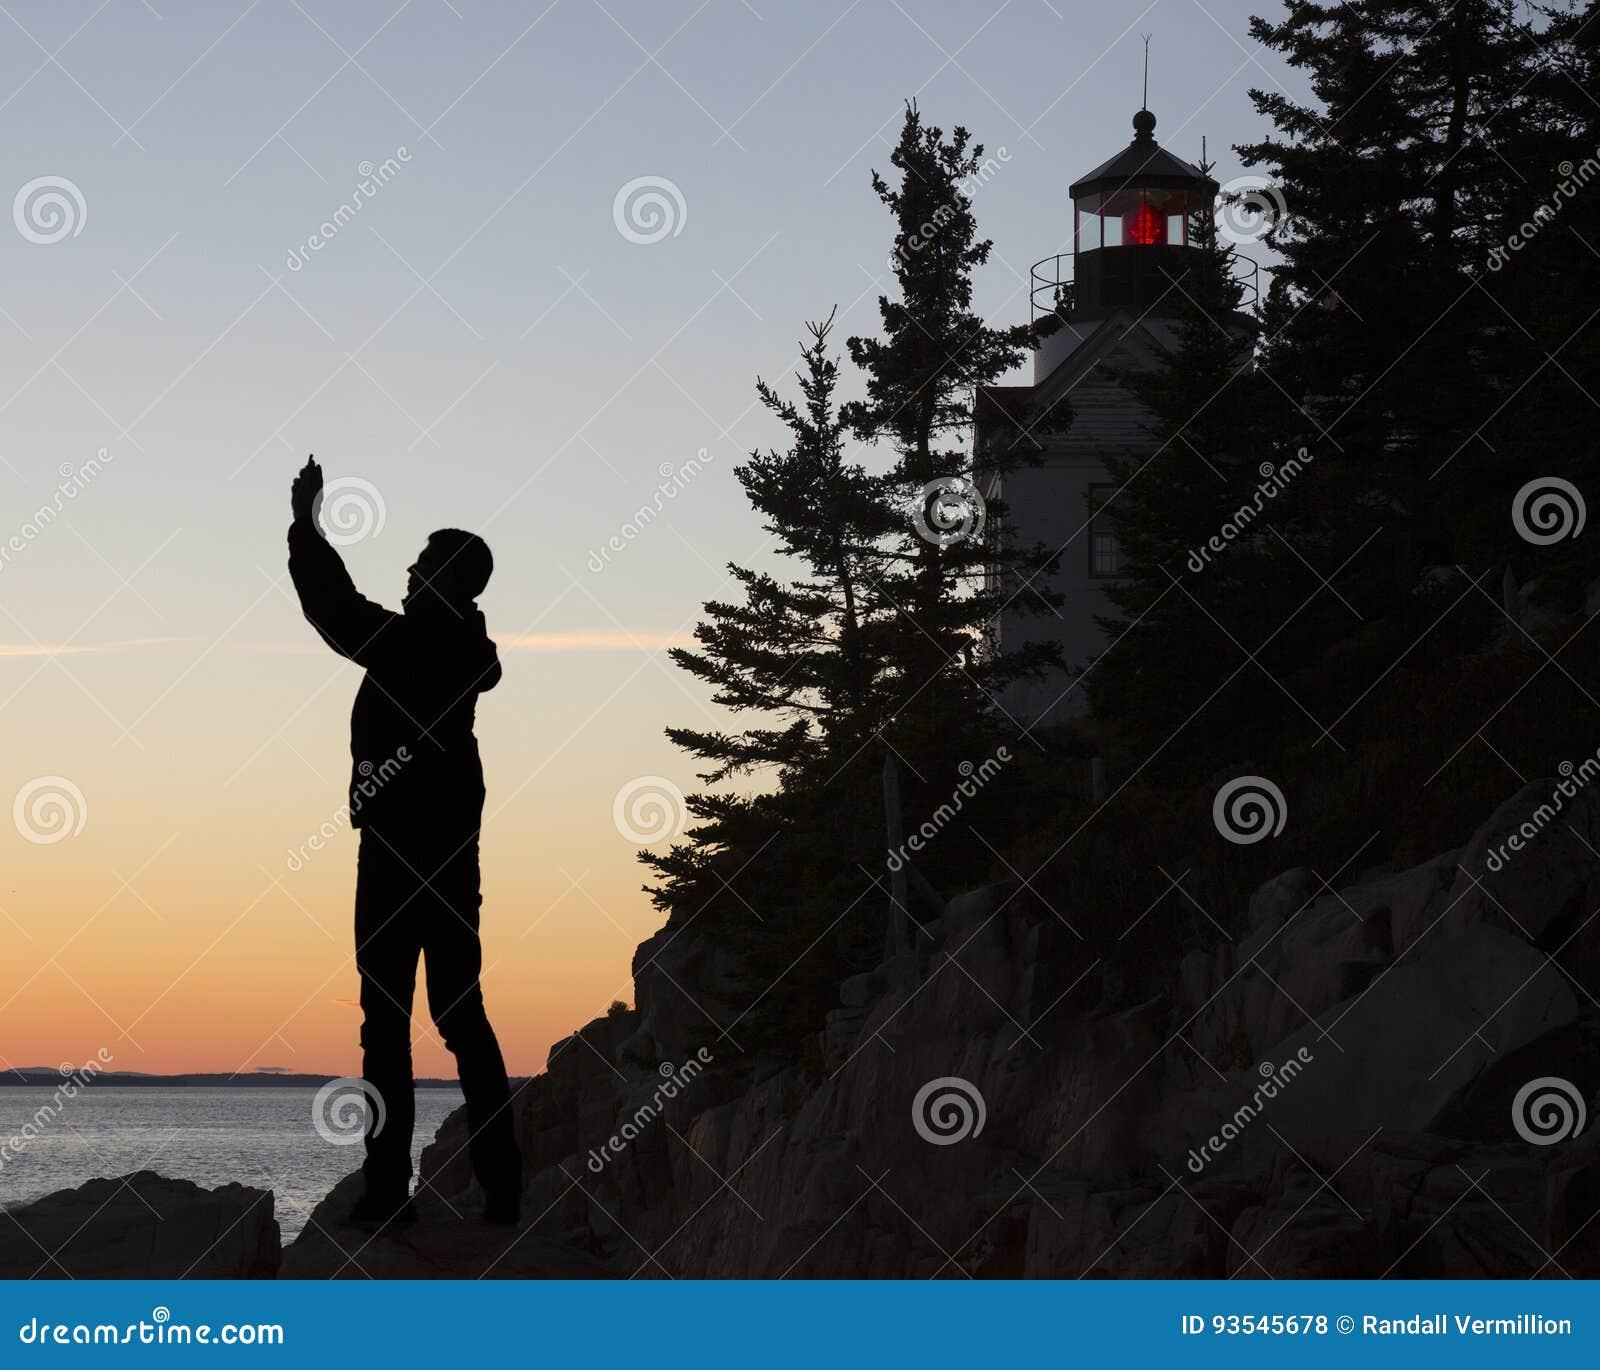 Bass Harbor Head Light House, Acadia, National Park